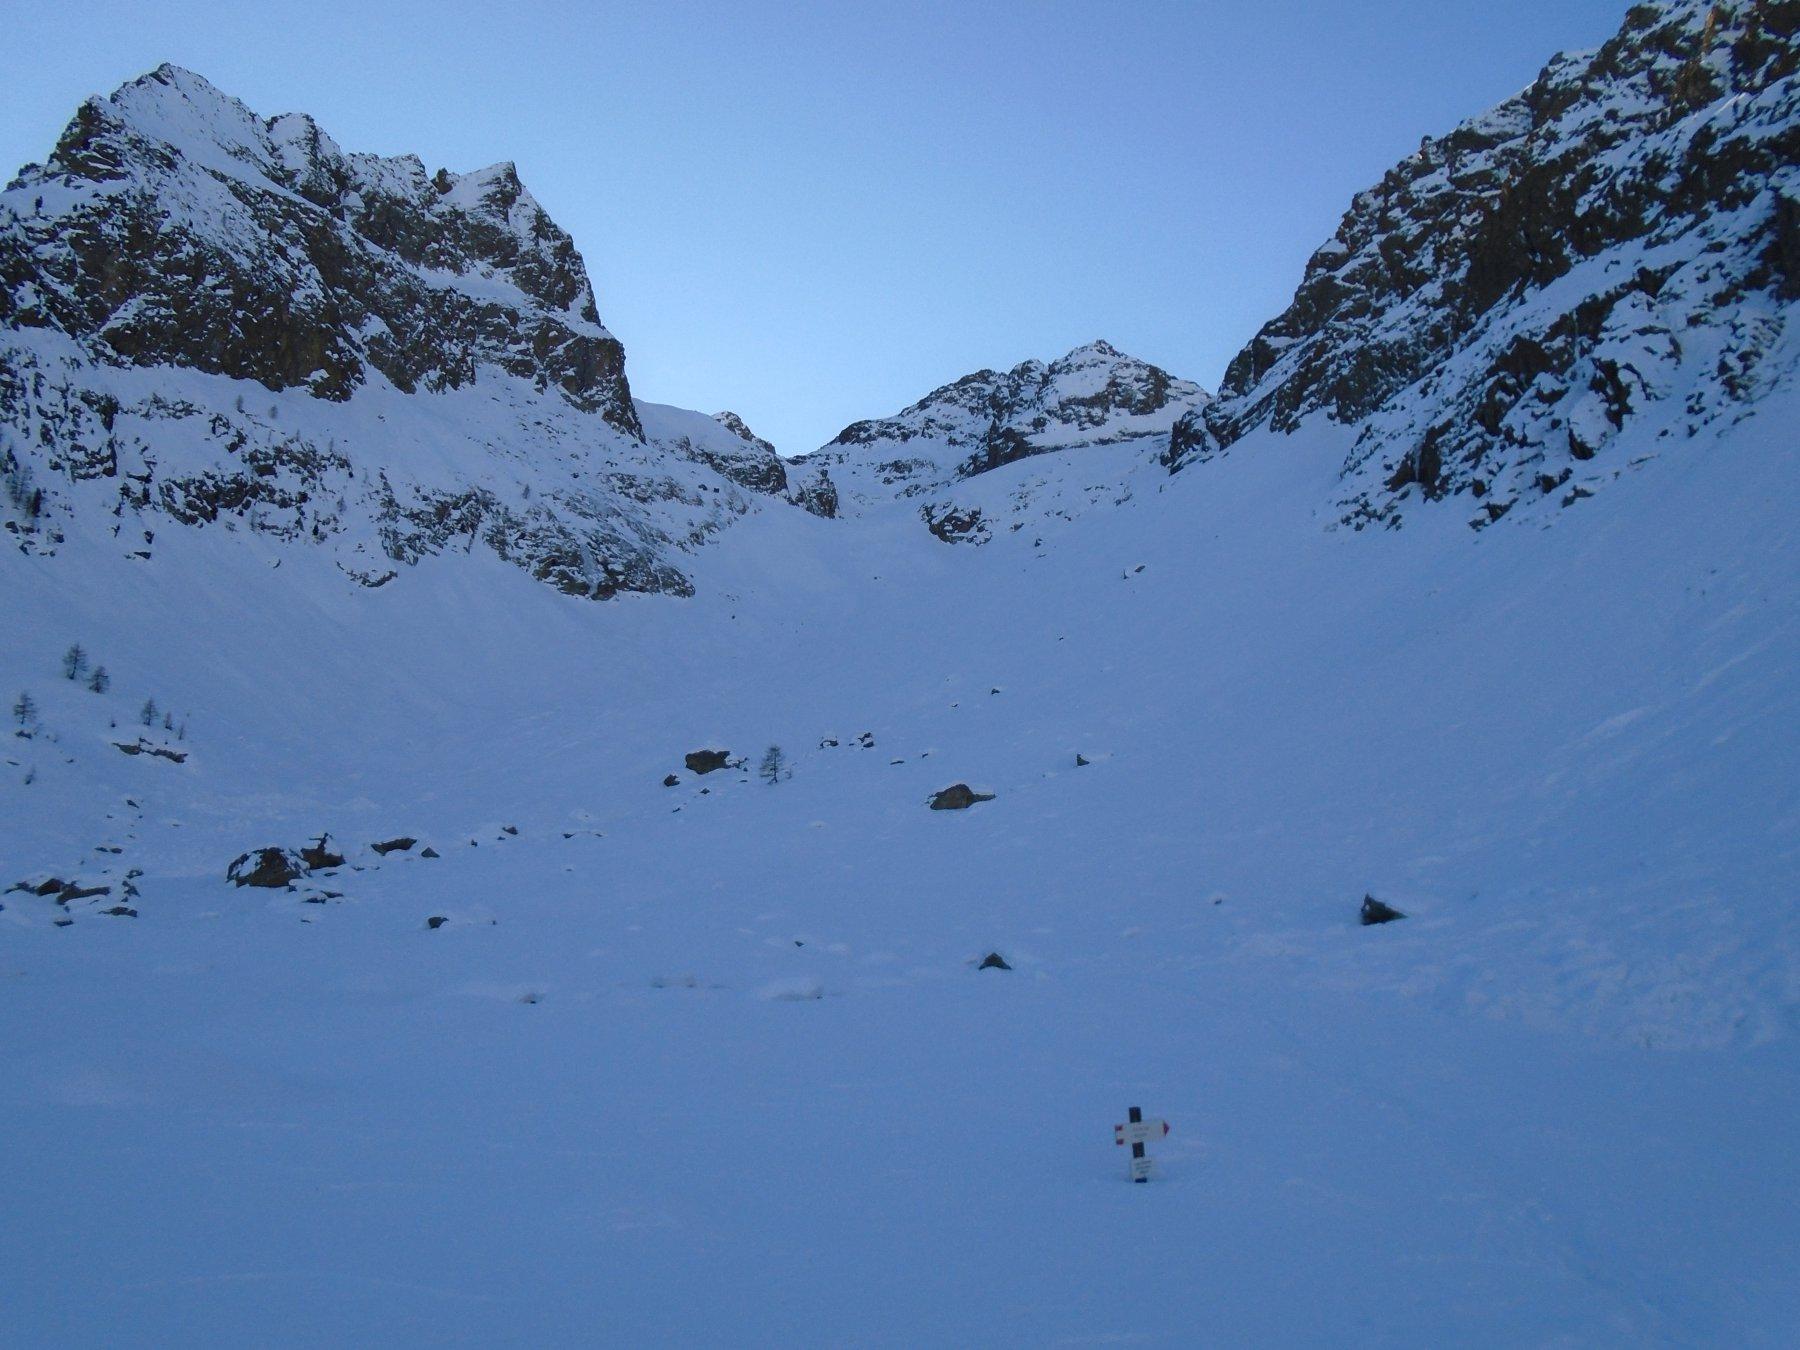 Dal rifugio: al centro la sella nei pressi del Lago Ischiator di Mezzo (2410)